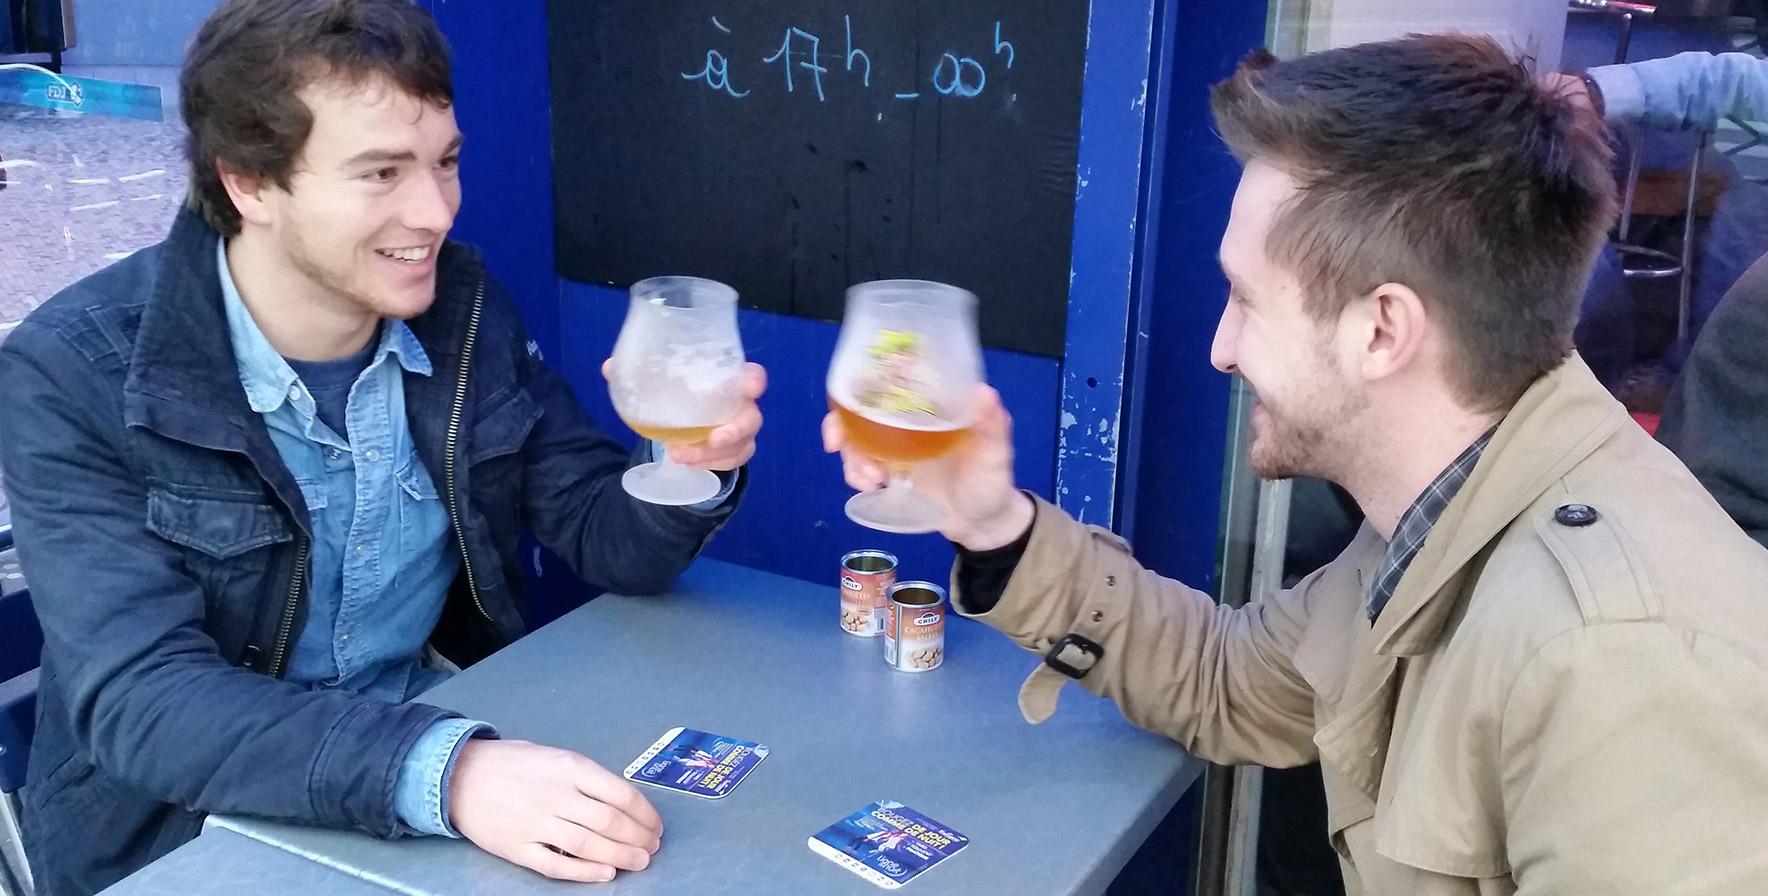 Sous-bocks publicitaires - Média tactique - Keemia Lille Agence marketing local en région Nord